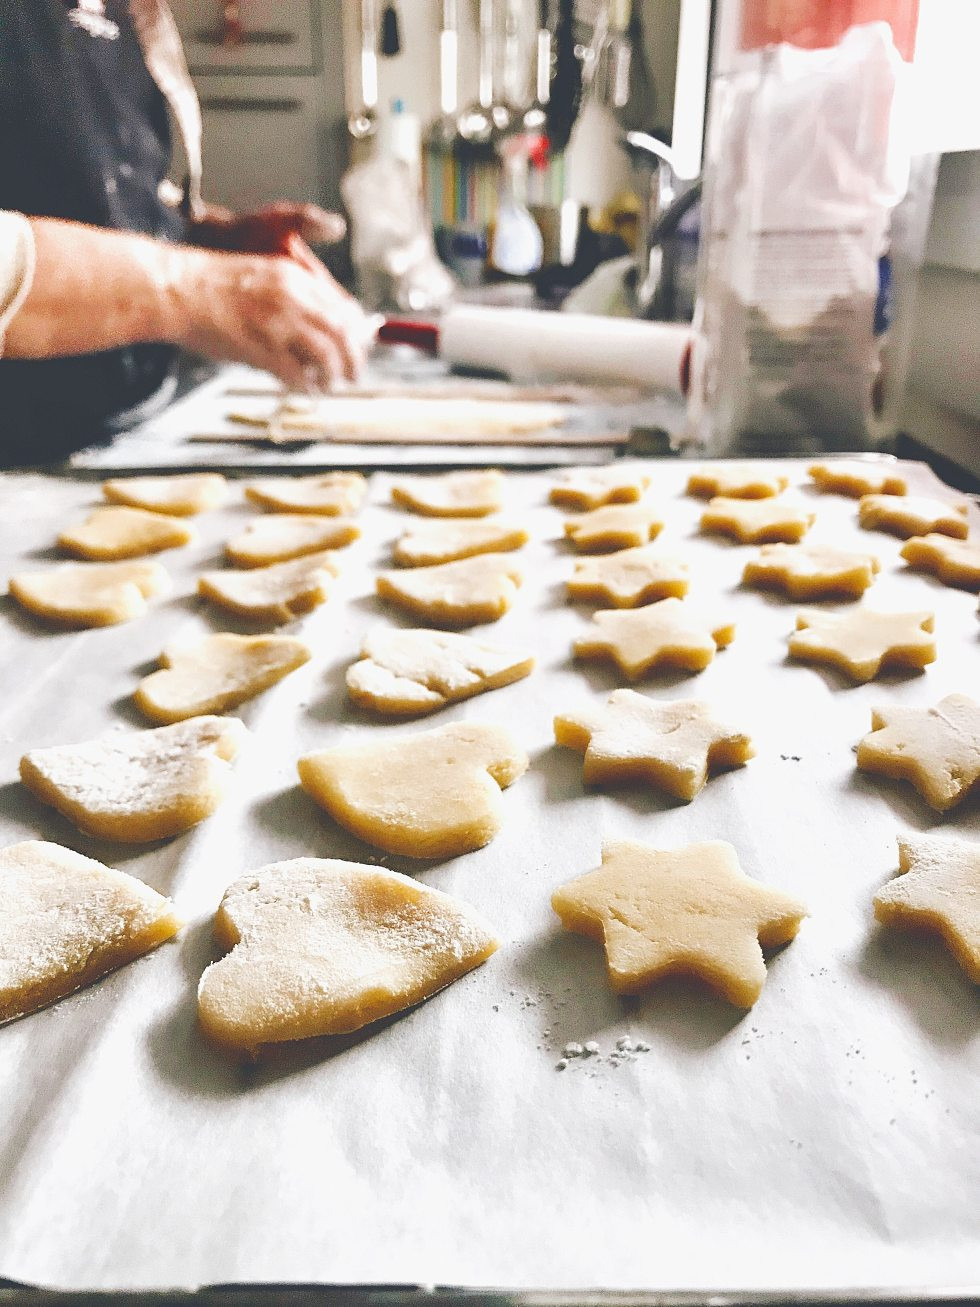 baker-bakery-baking-890520